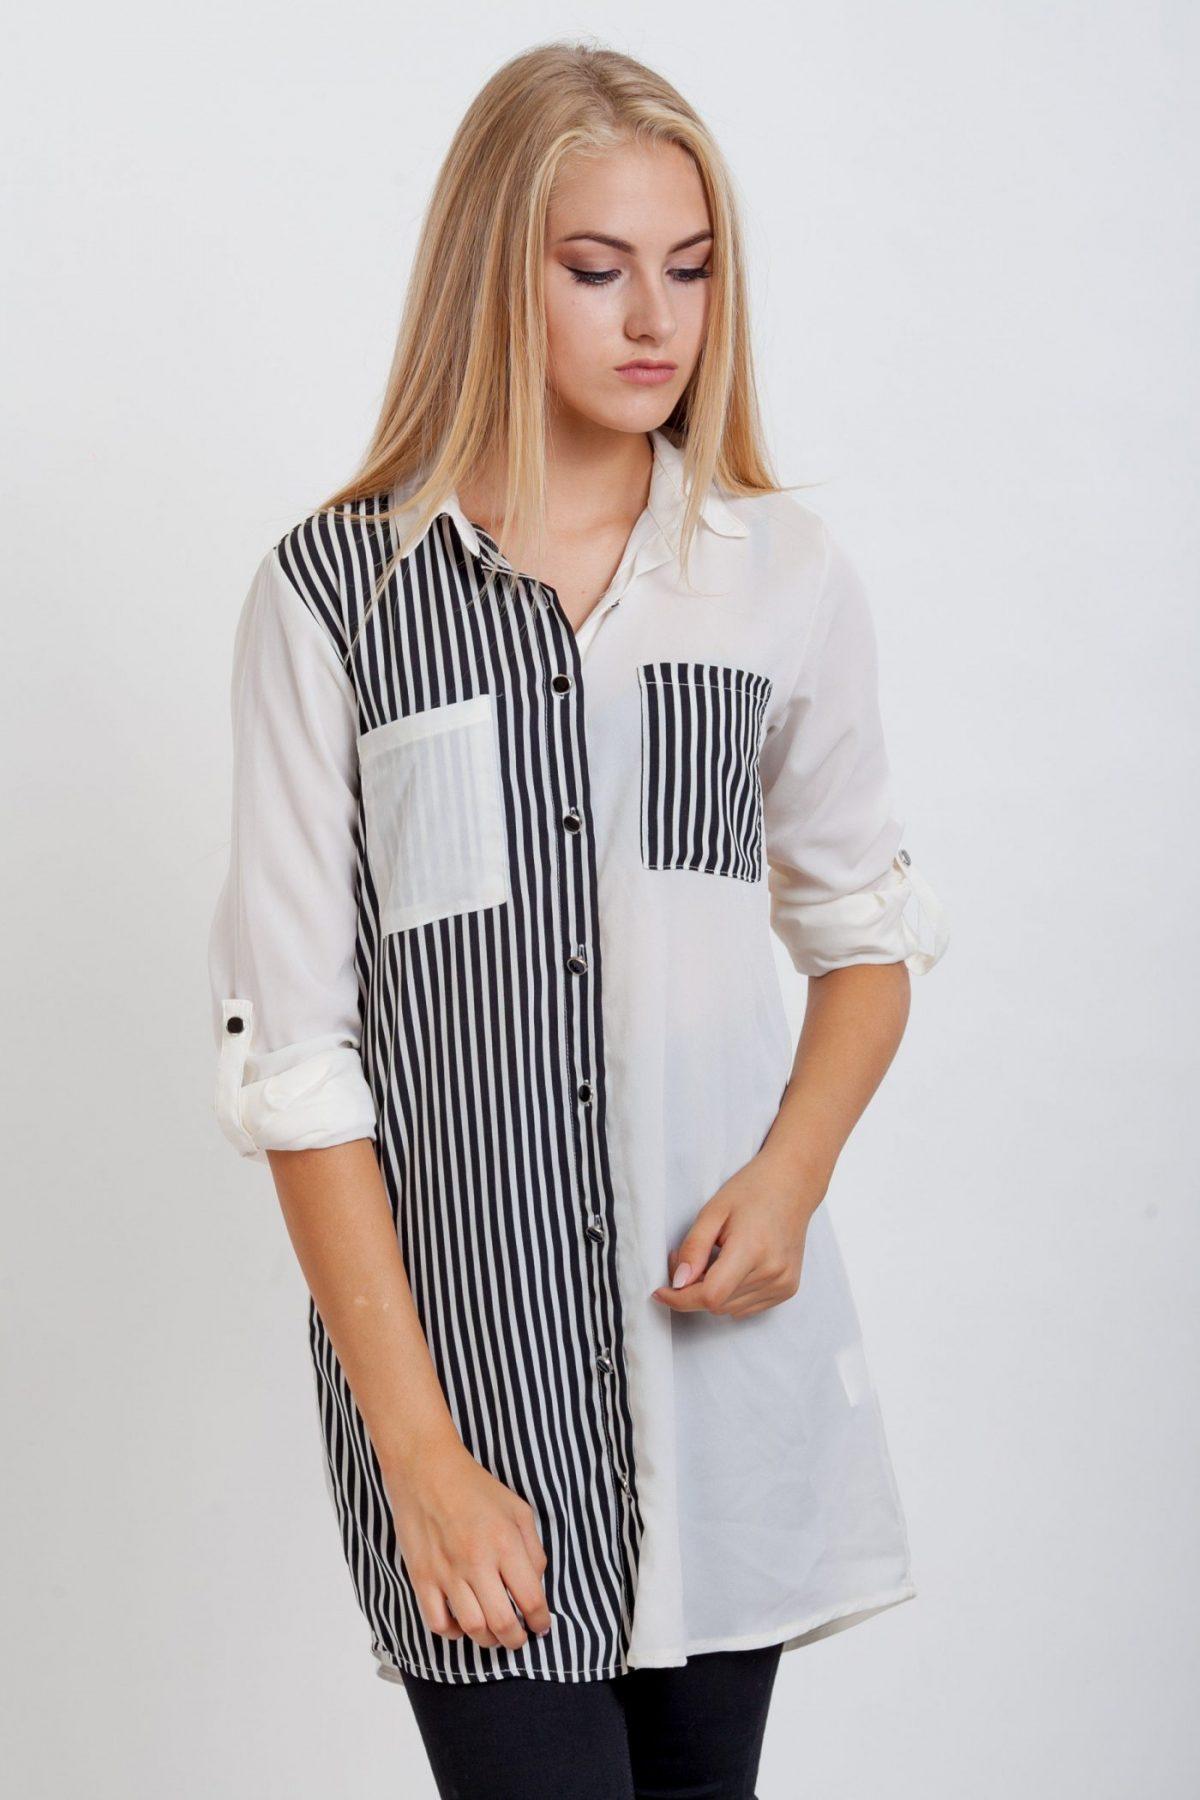 0ab3a5bec5a6 Идеи! Модных рубашек женских 2019 2020: 50 фото, модные тенденции